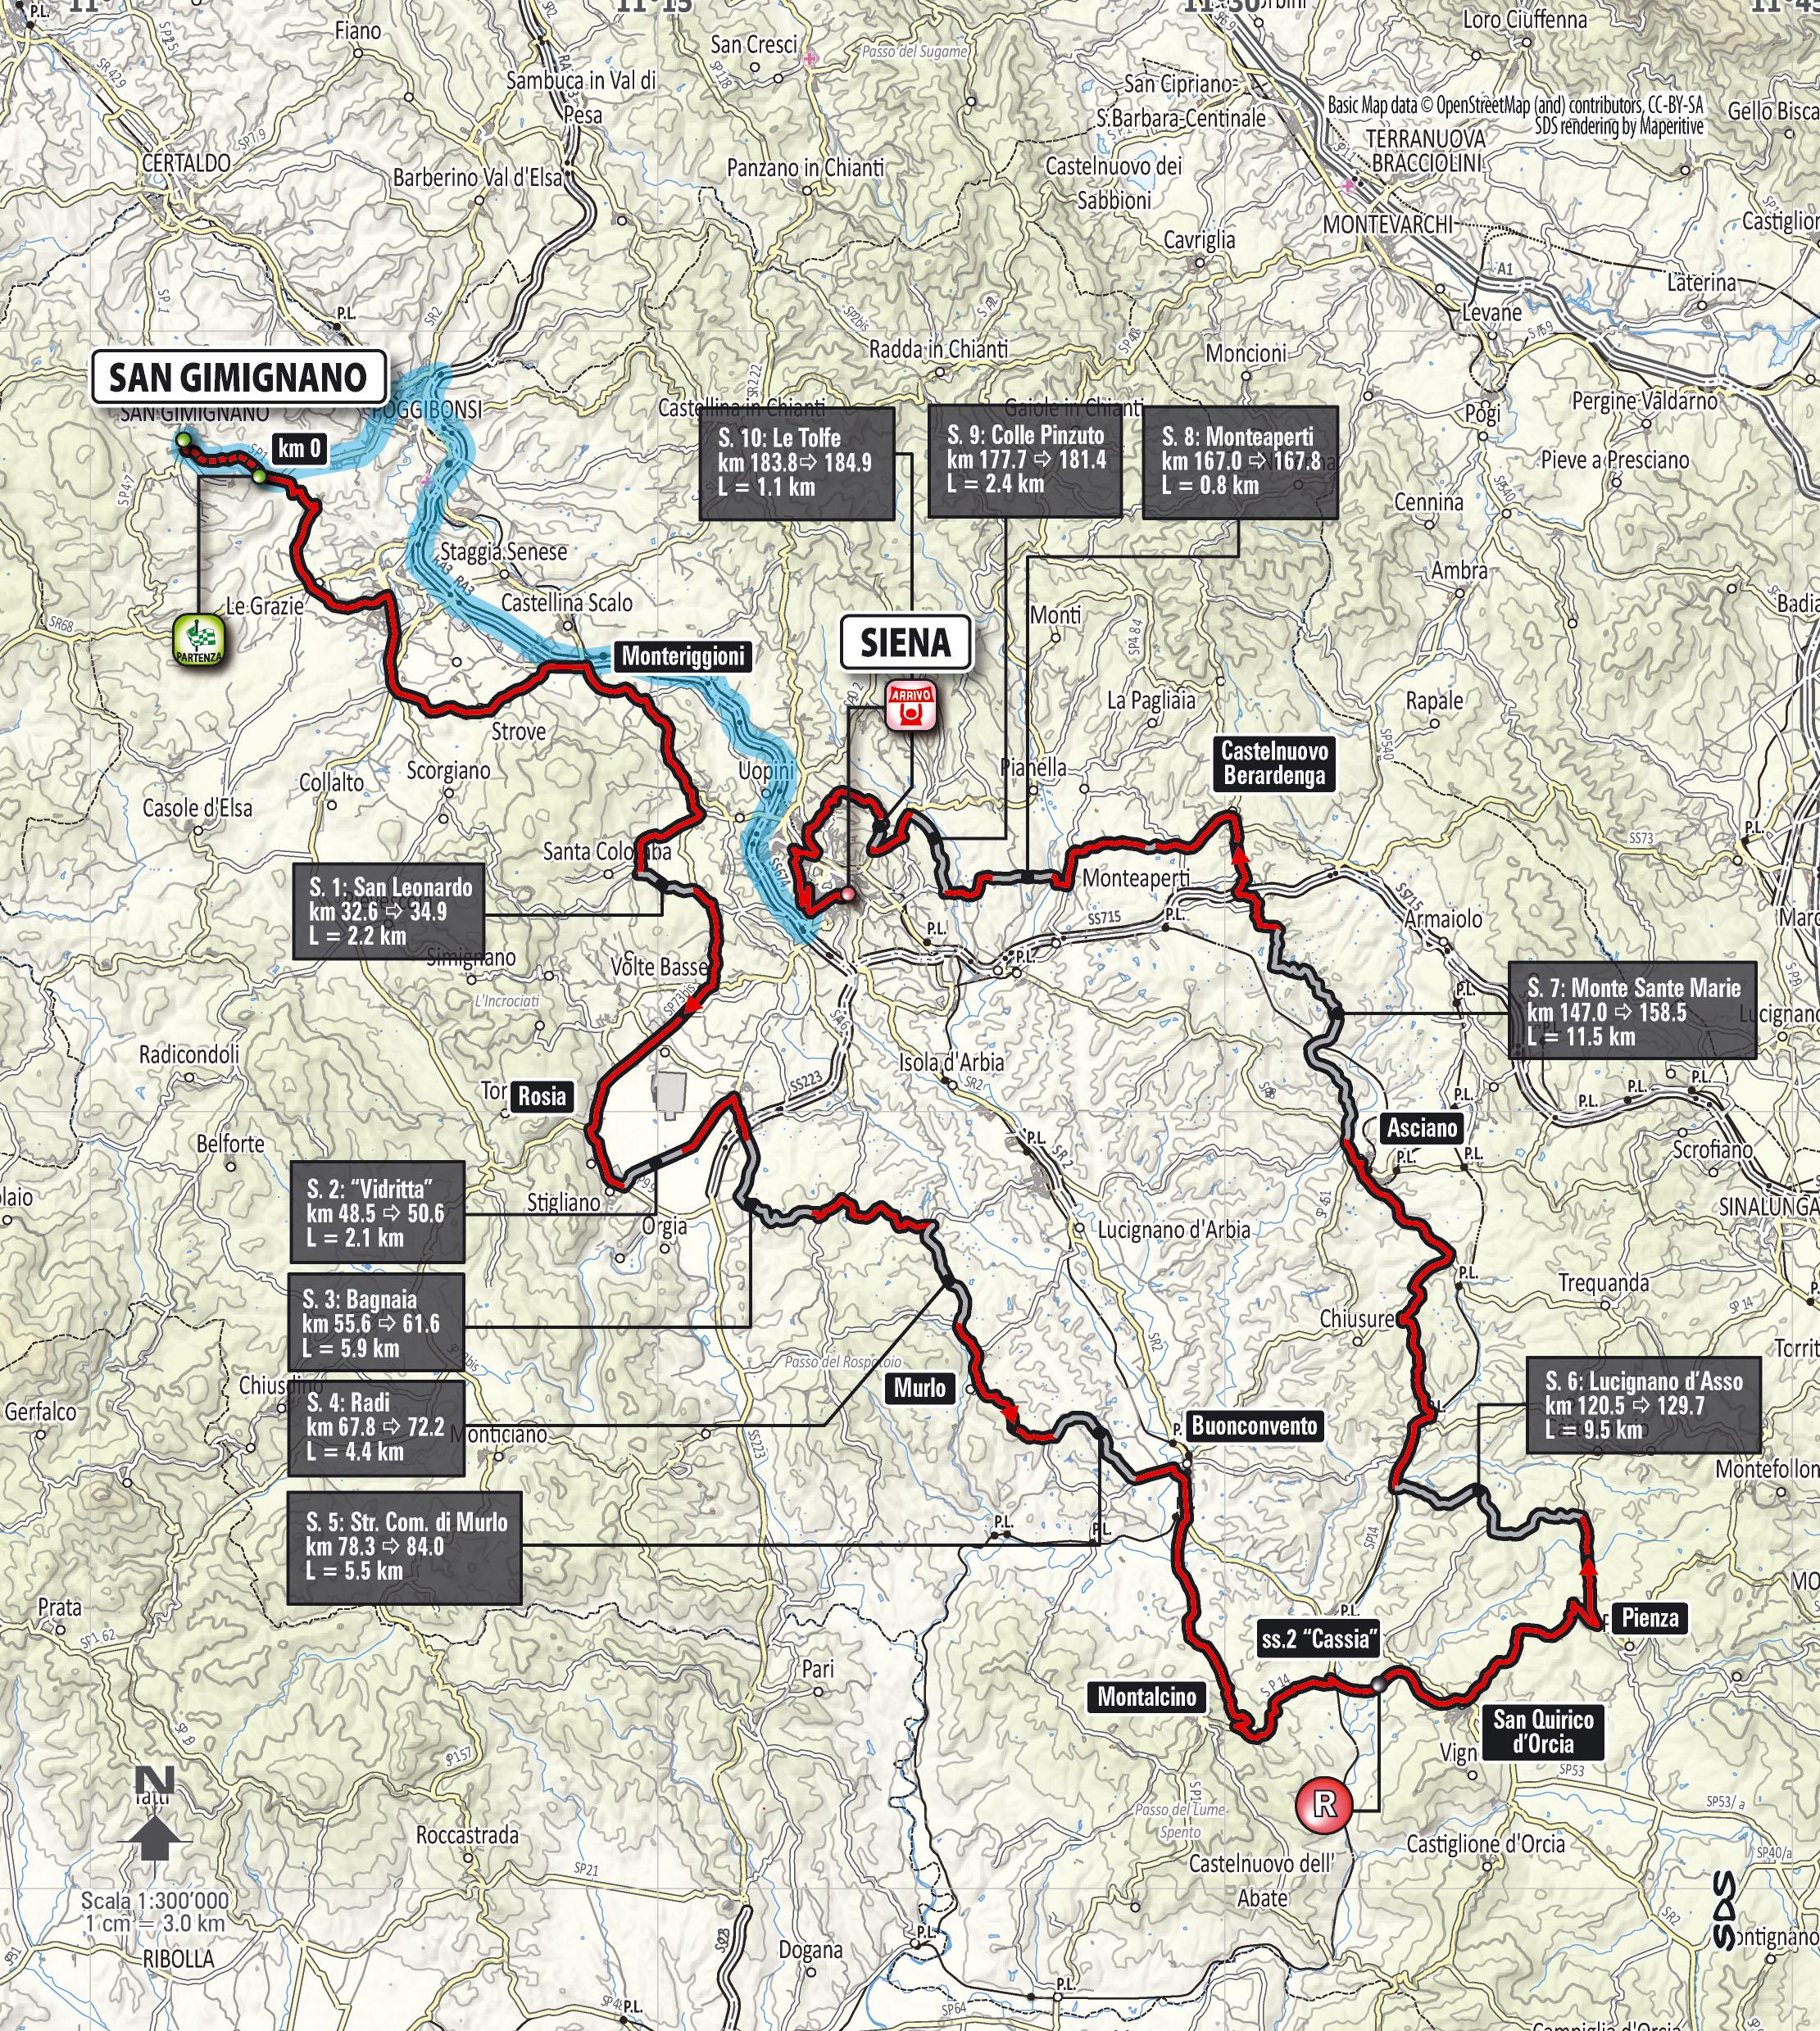 Het parcours van de Strade Bianche 2015